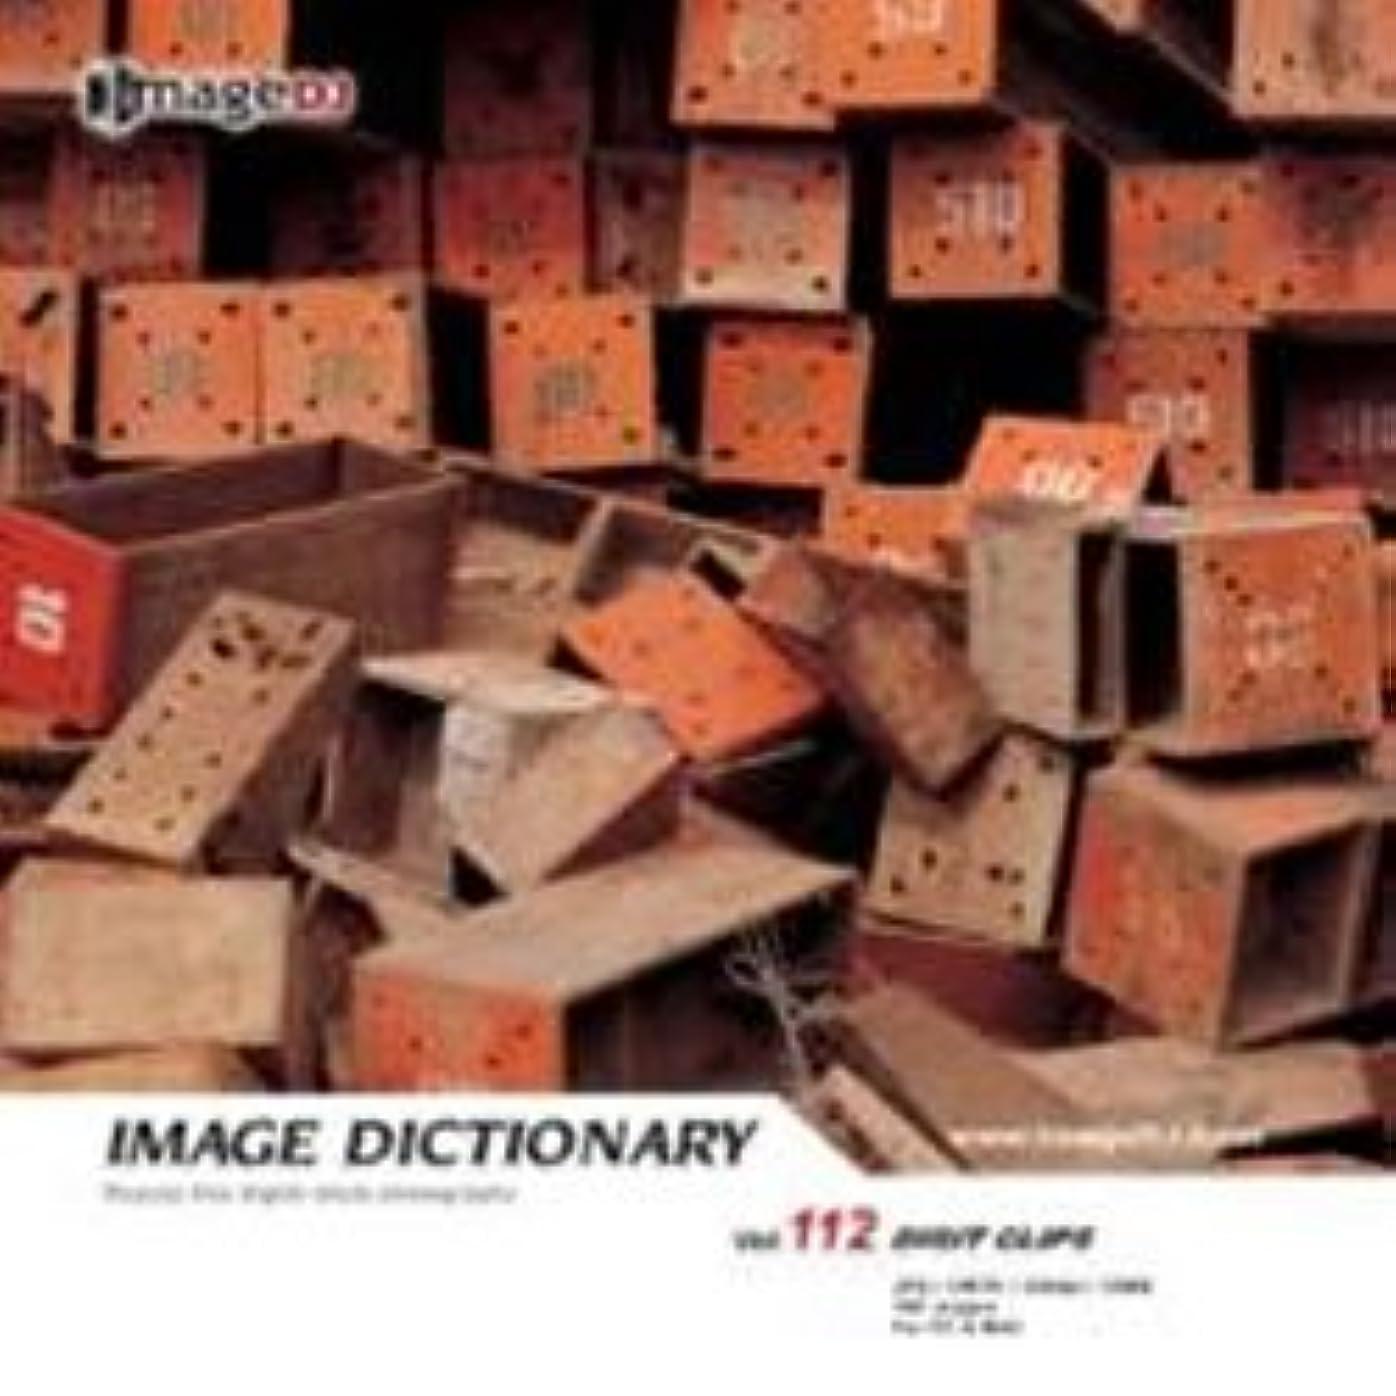 ドラゴン宅配便ジムイメージ ディクショナリー Vol.112 数字切貼